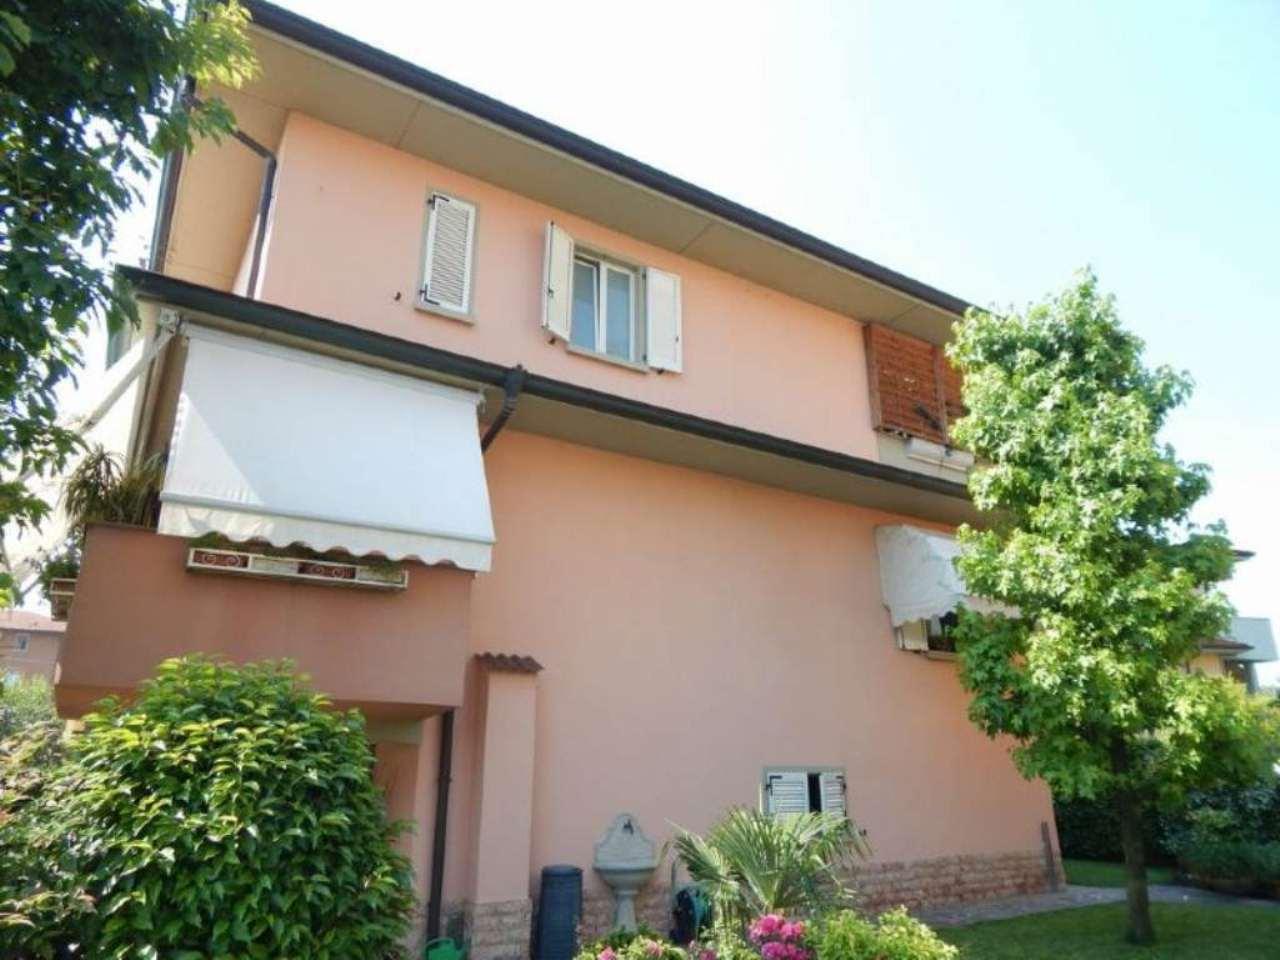 Appartamento in vendita a Caravaggio, 6 locali, prezzo € 365.000 | Cambio Casa.it